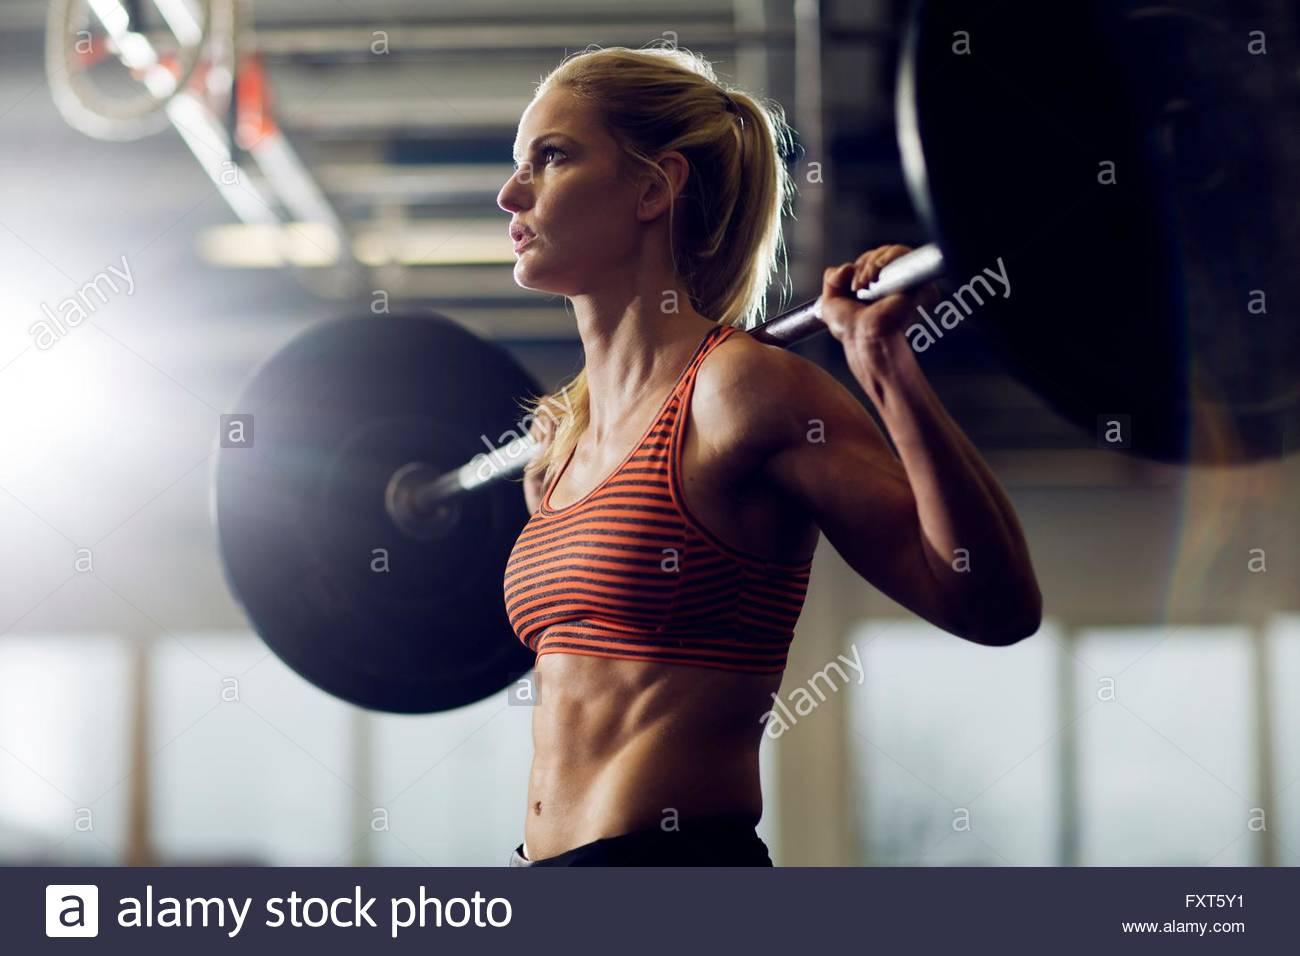 Mitte Erwachsene Frau heben Langhantel auf Schultern in Turnhalle Stockbild